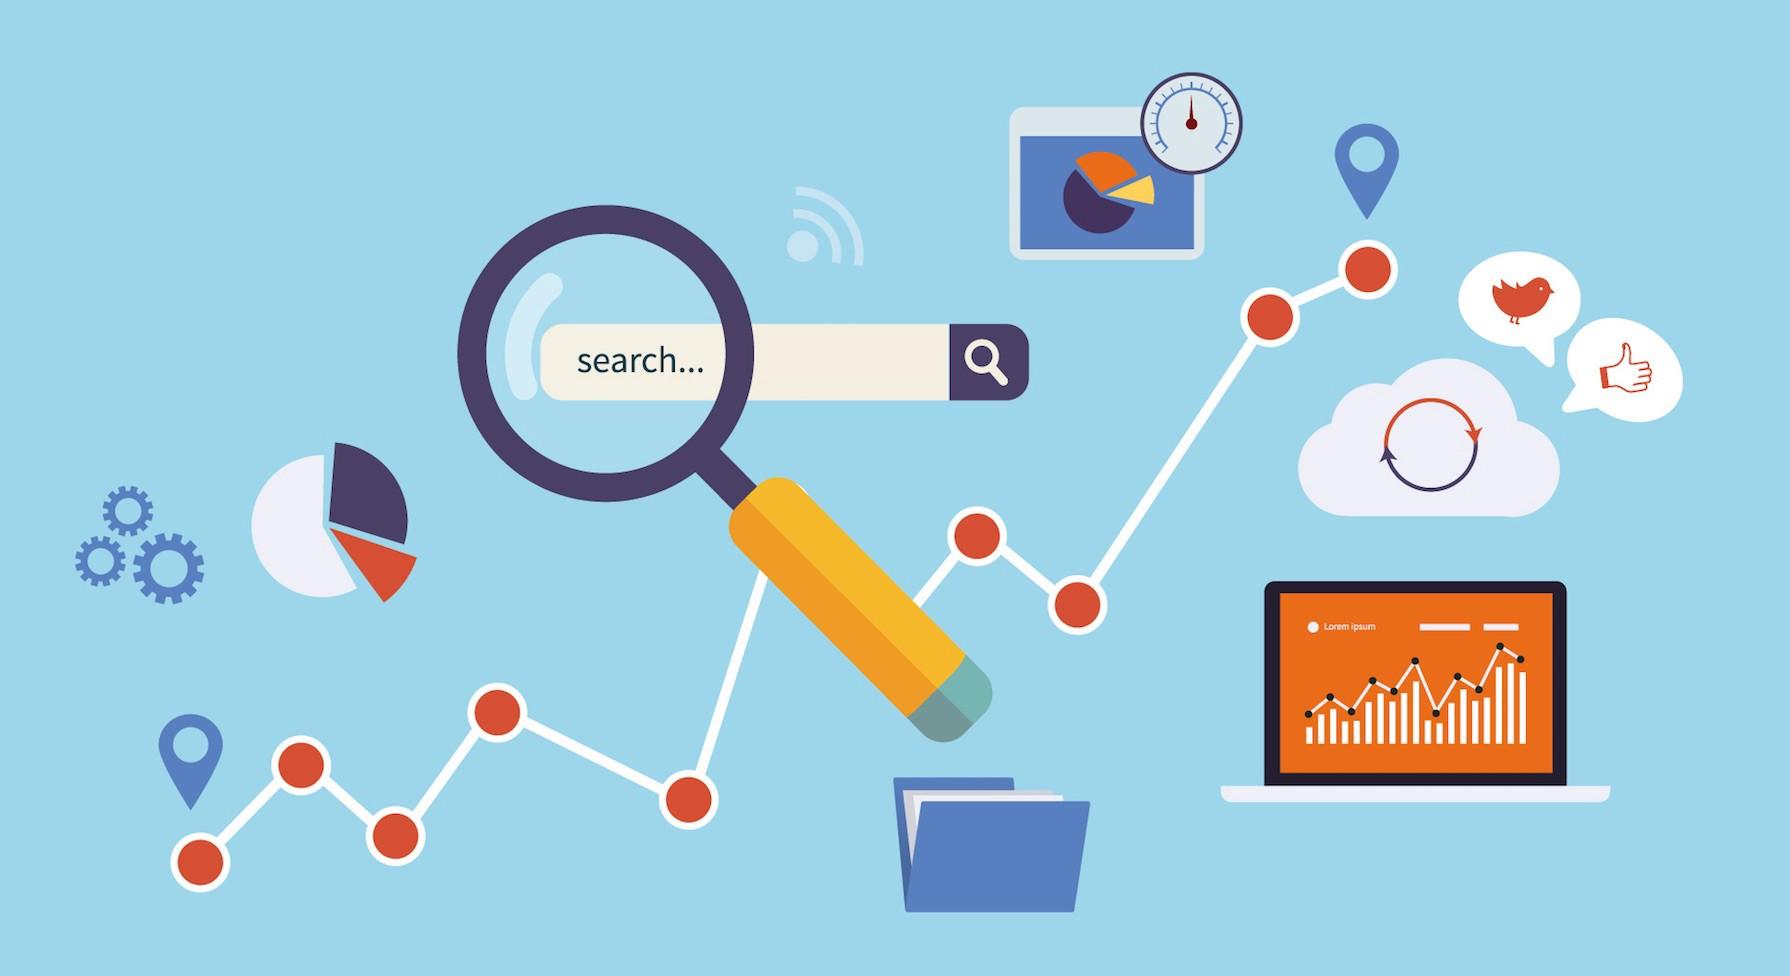 Chiến lược Marketing cho doanh nghiệp vừa và nhỏ hiệu quả